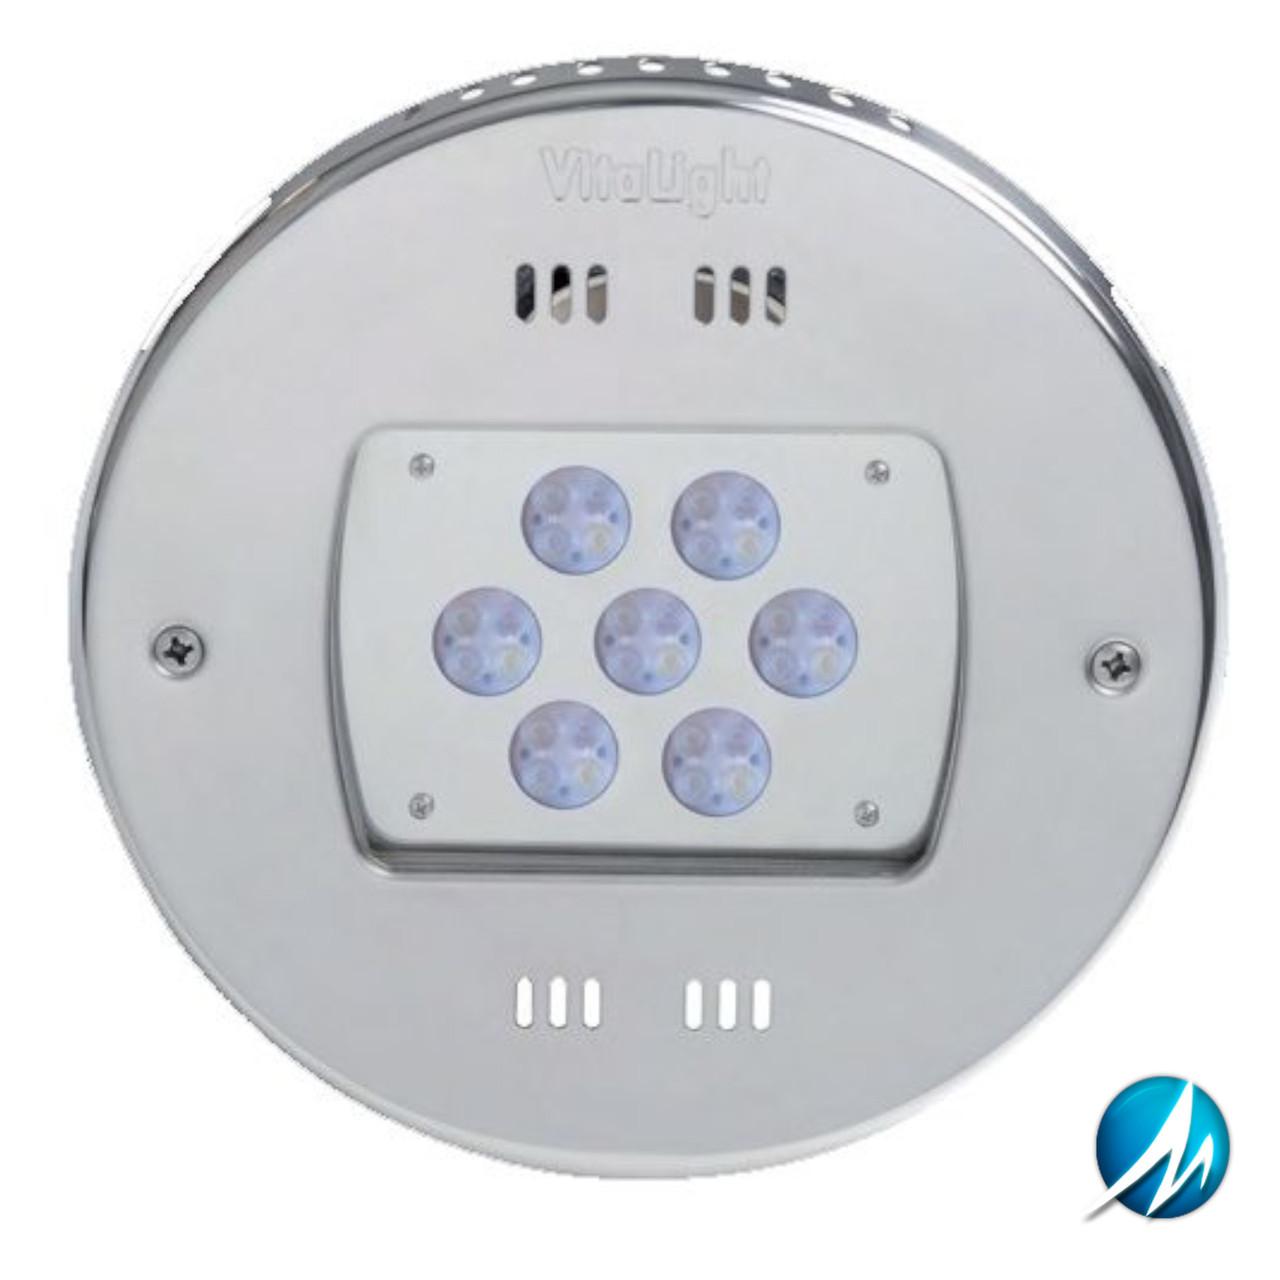 Прожектор светодиодный 4 цвета/ 28 диодов, 24V/DC Ø 270 мм